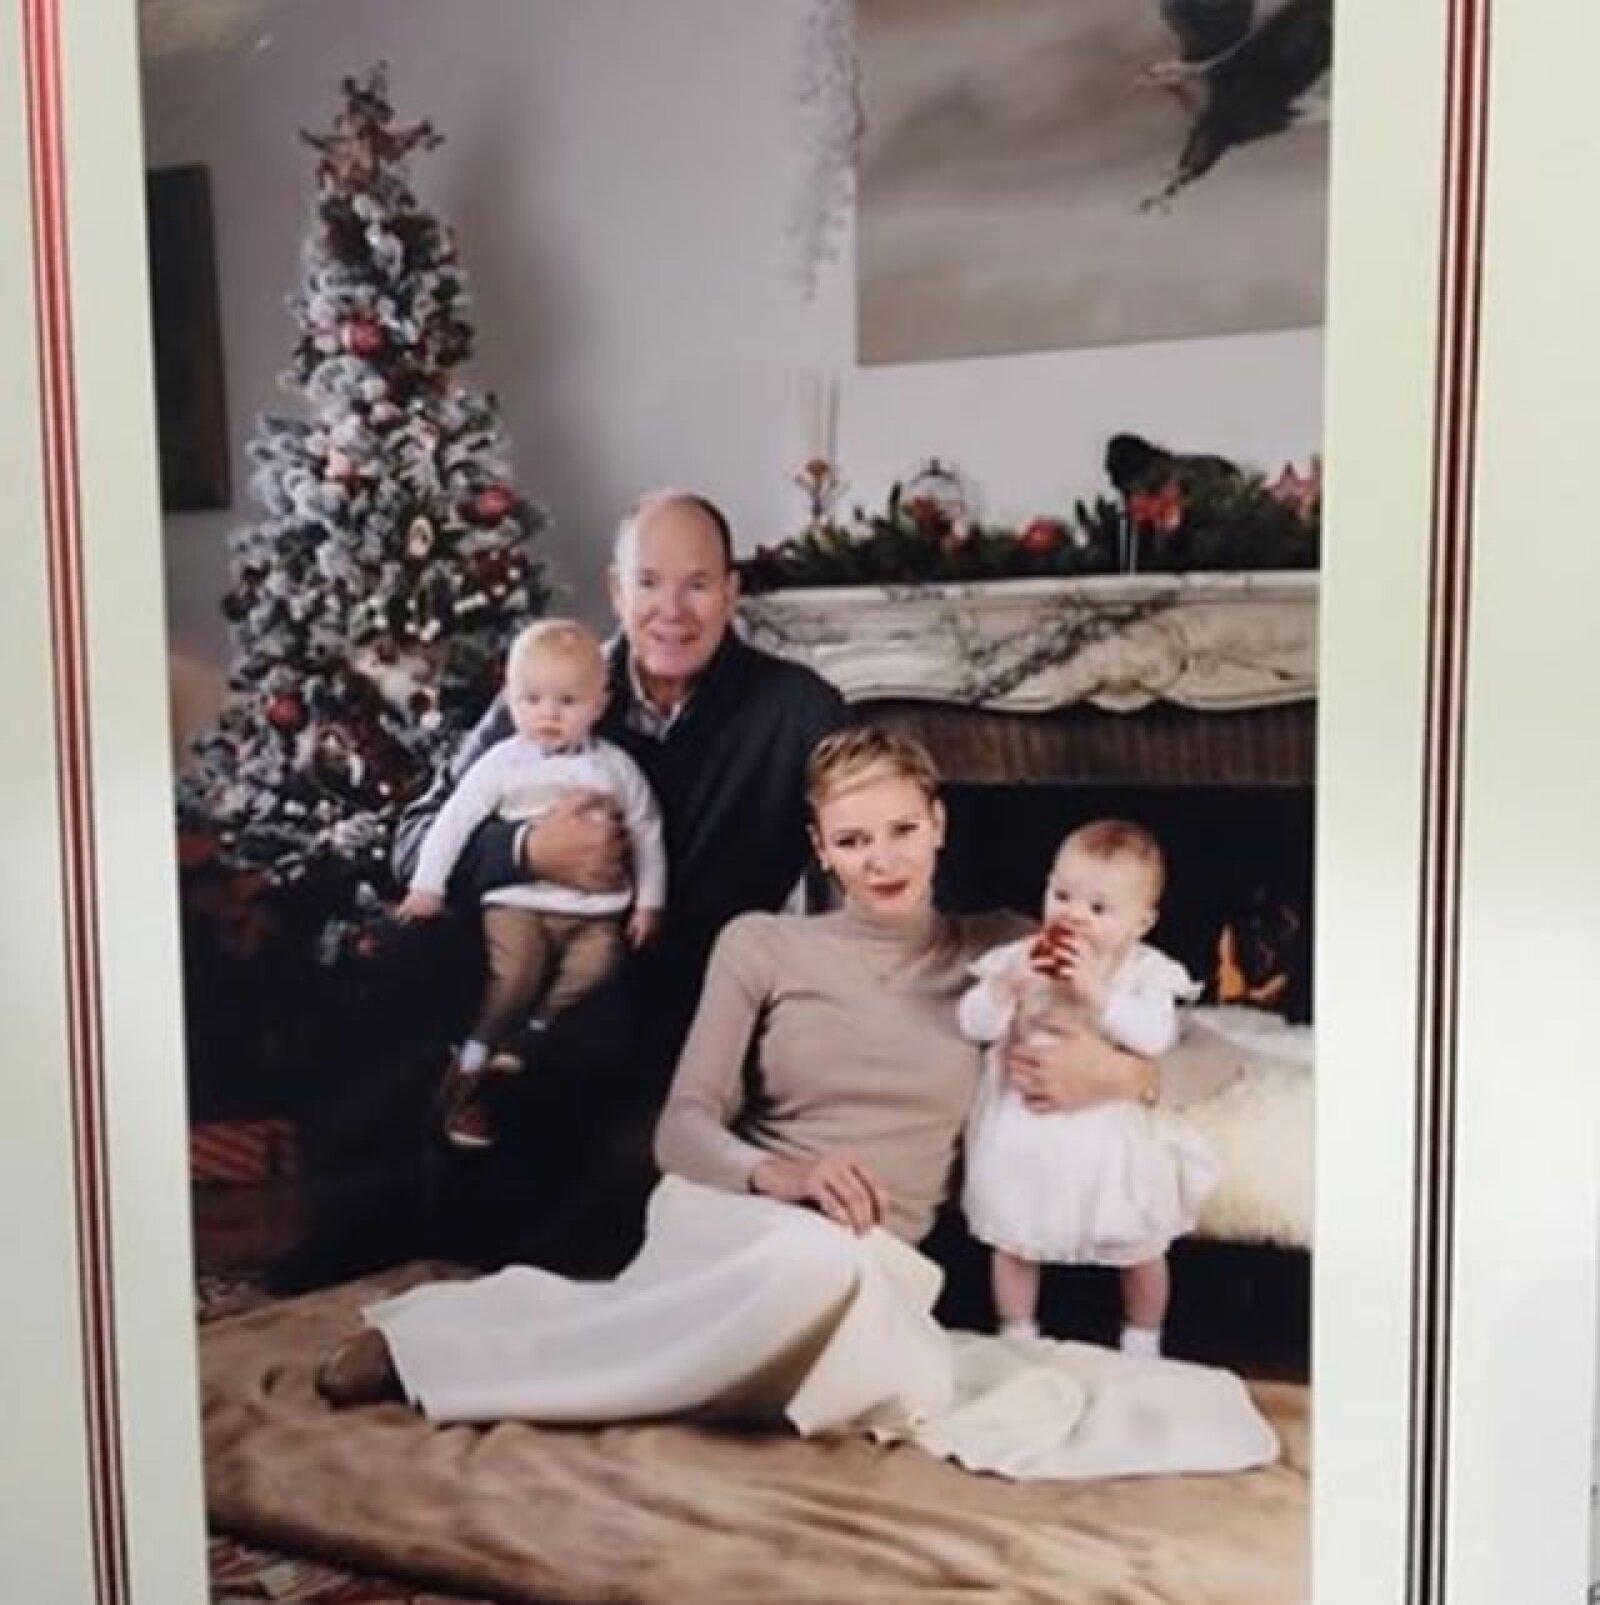 Los príncipes de Mónaco, Alberto II y Charlene, con sus hijos Jacques y Gabriella.